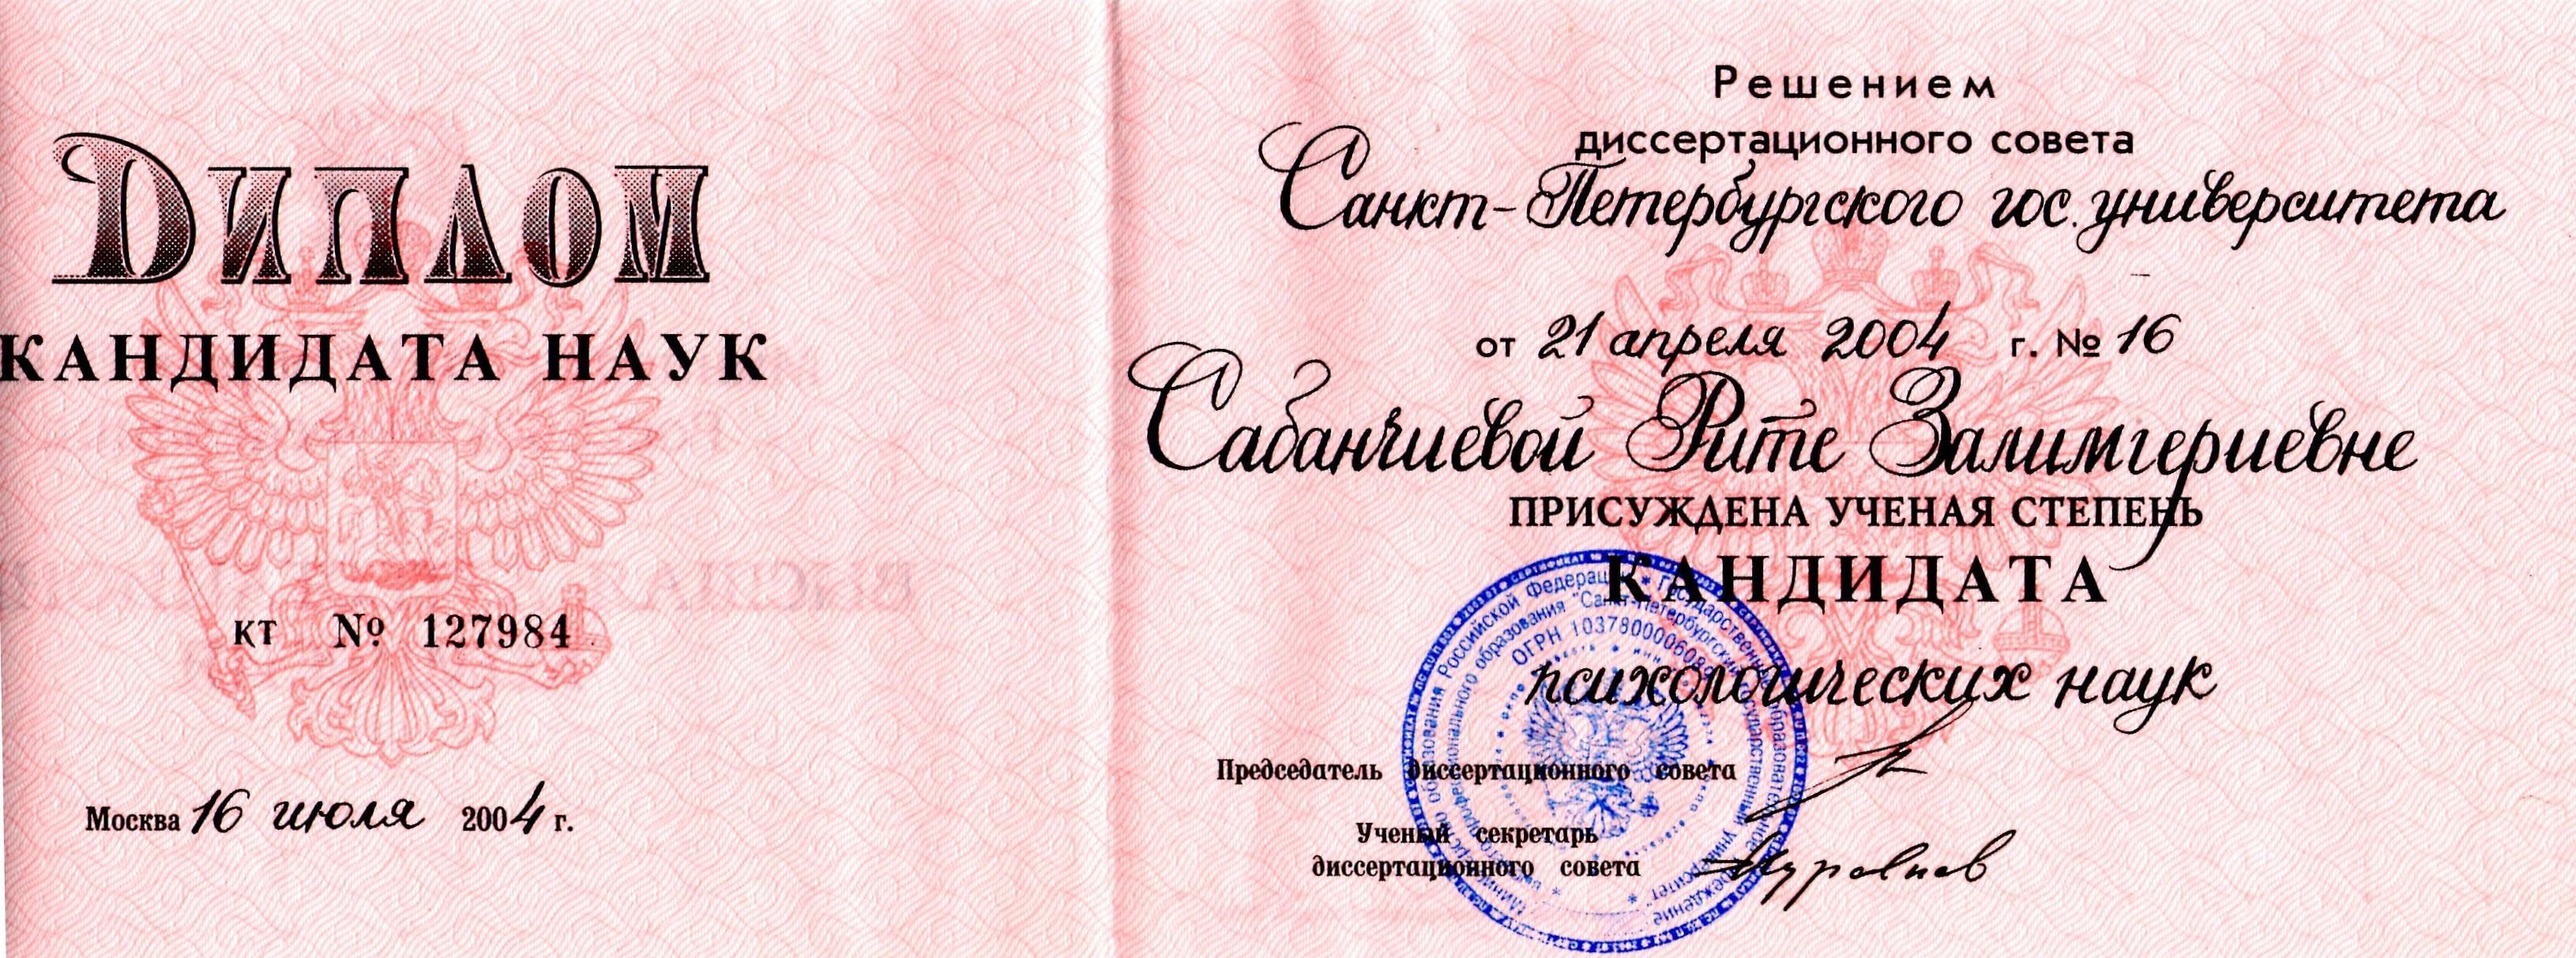 Дипломы и сертификаты Диплом кандидата психологических наук